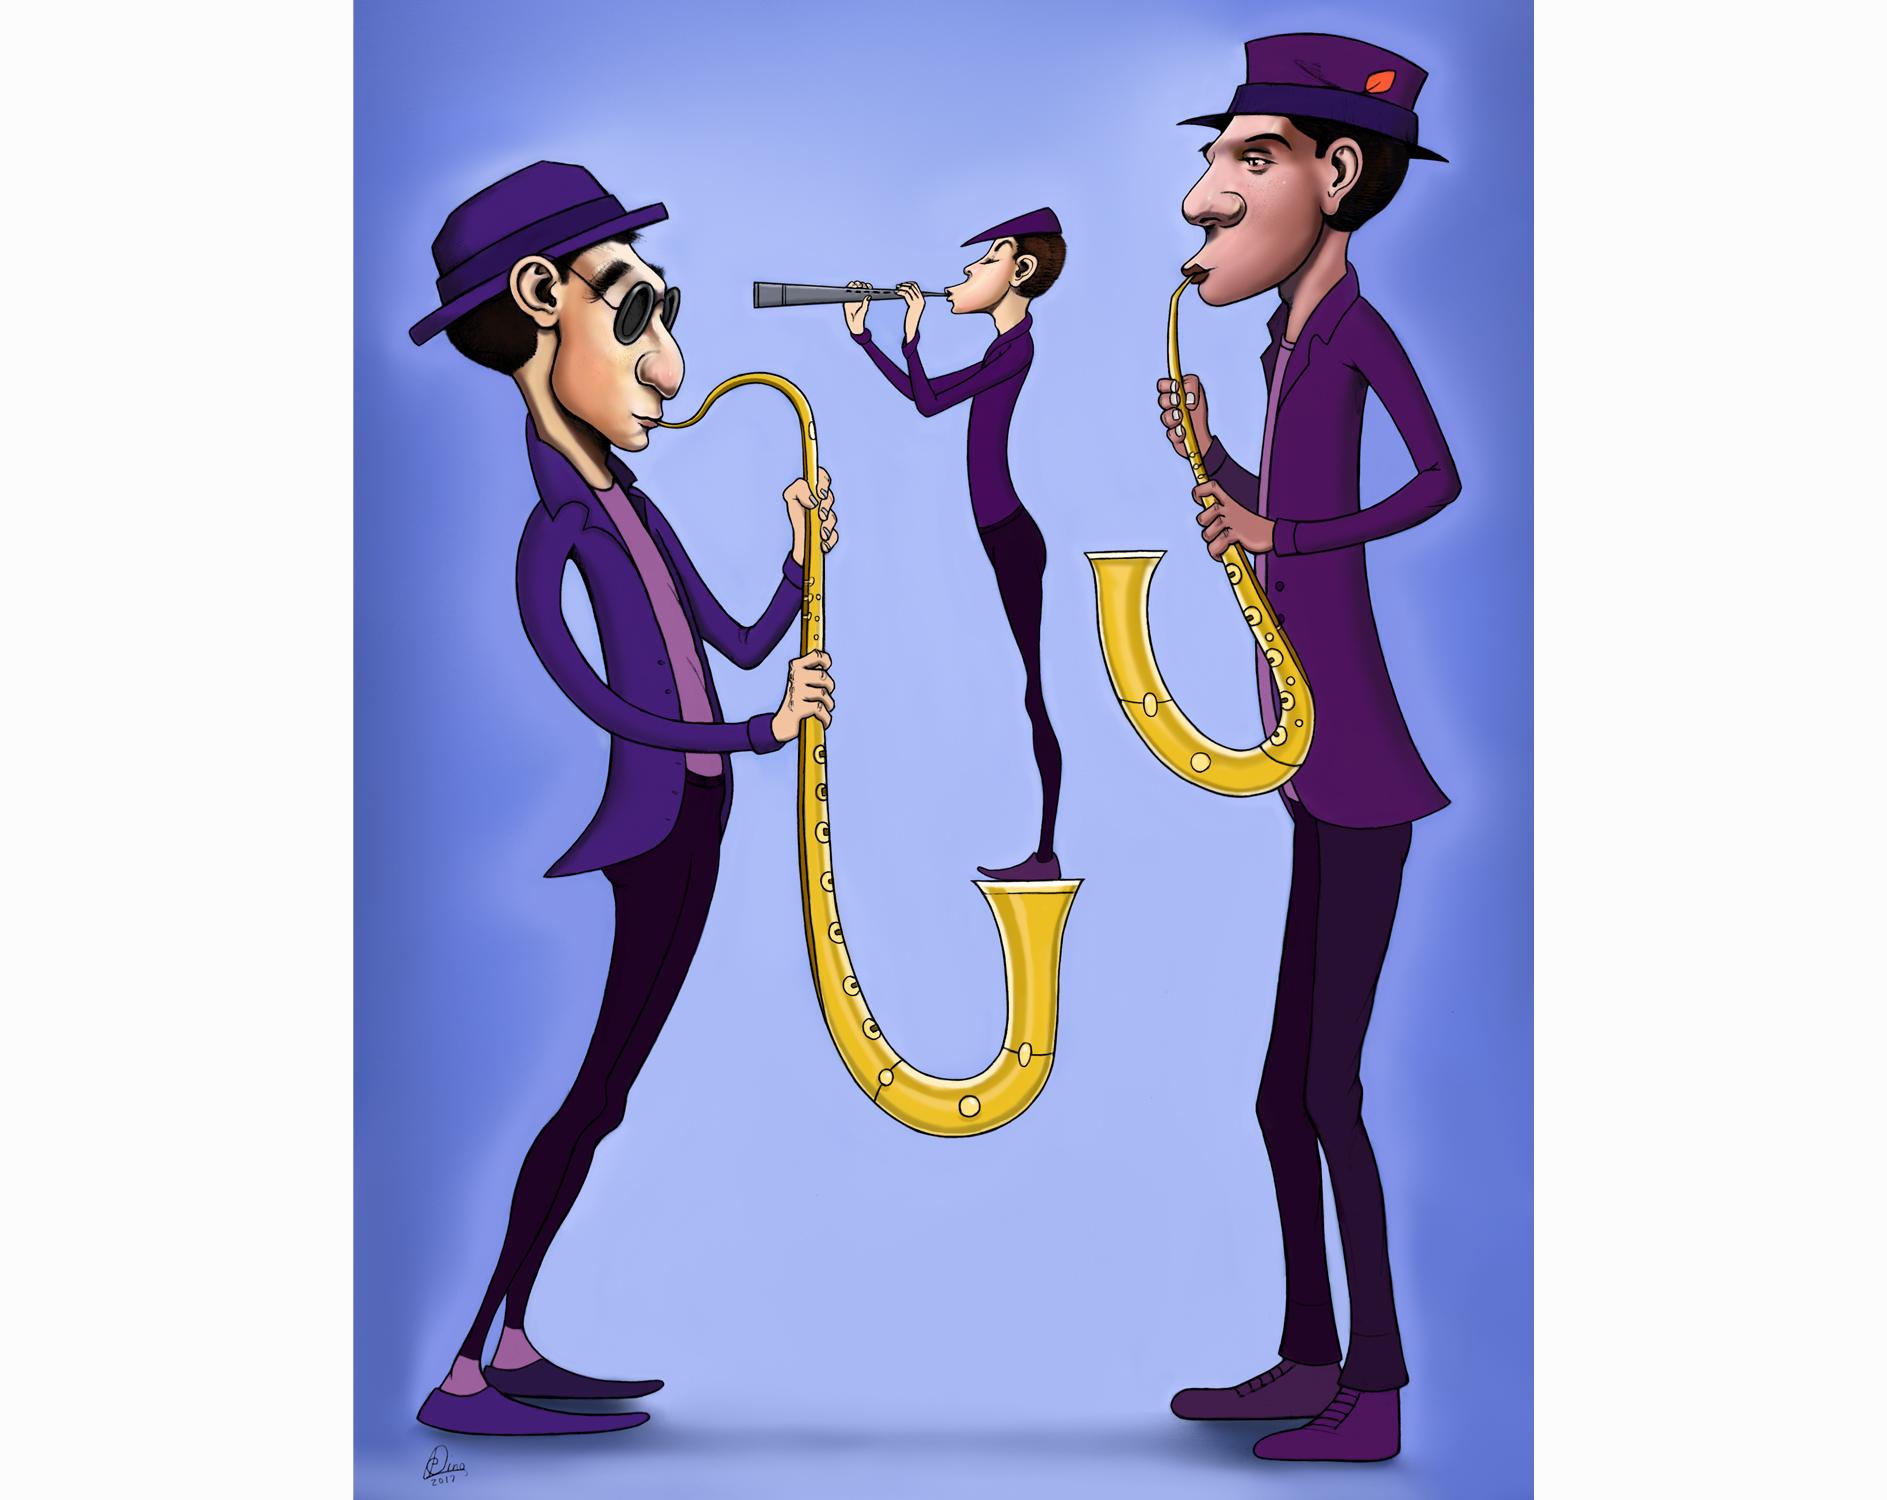 Saxophoners